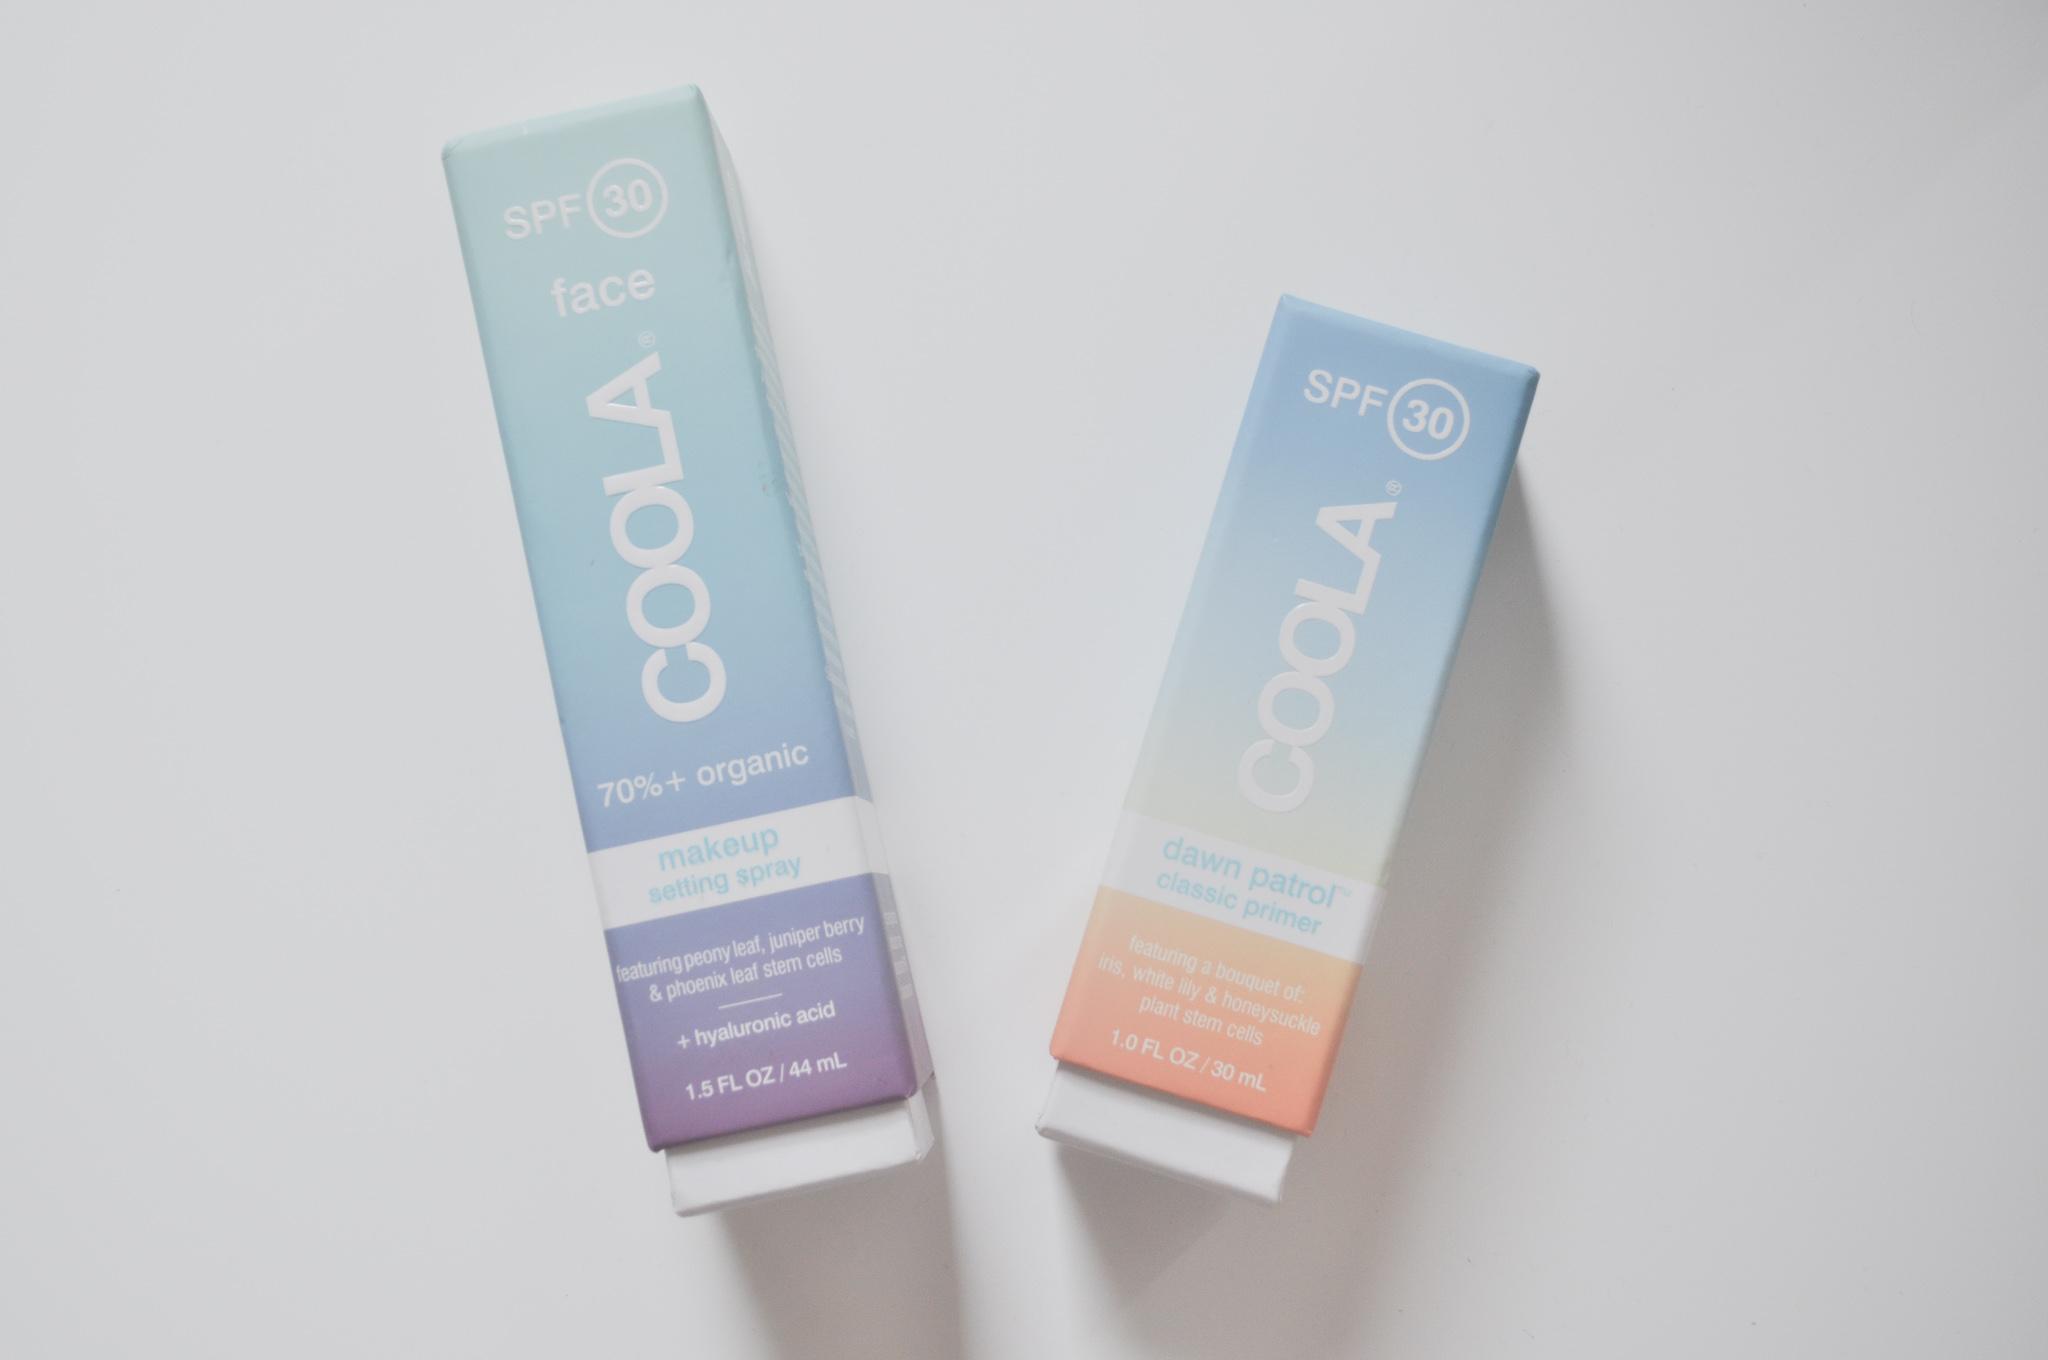 COOLA Makeup Setting Sunscreen Spray ,  Dawn Patrol Makeup Primer